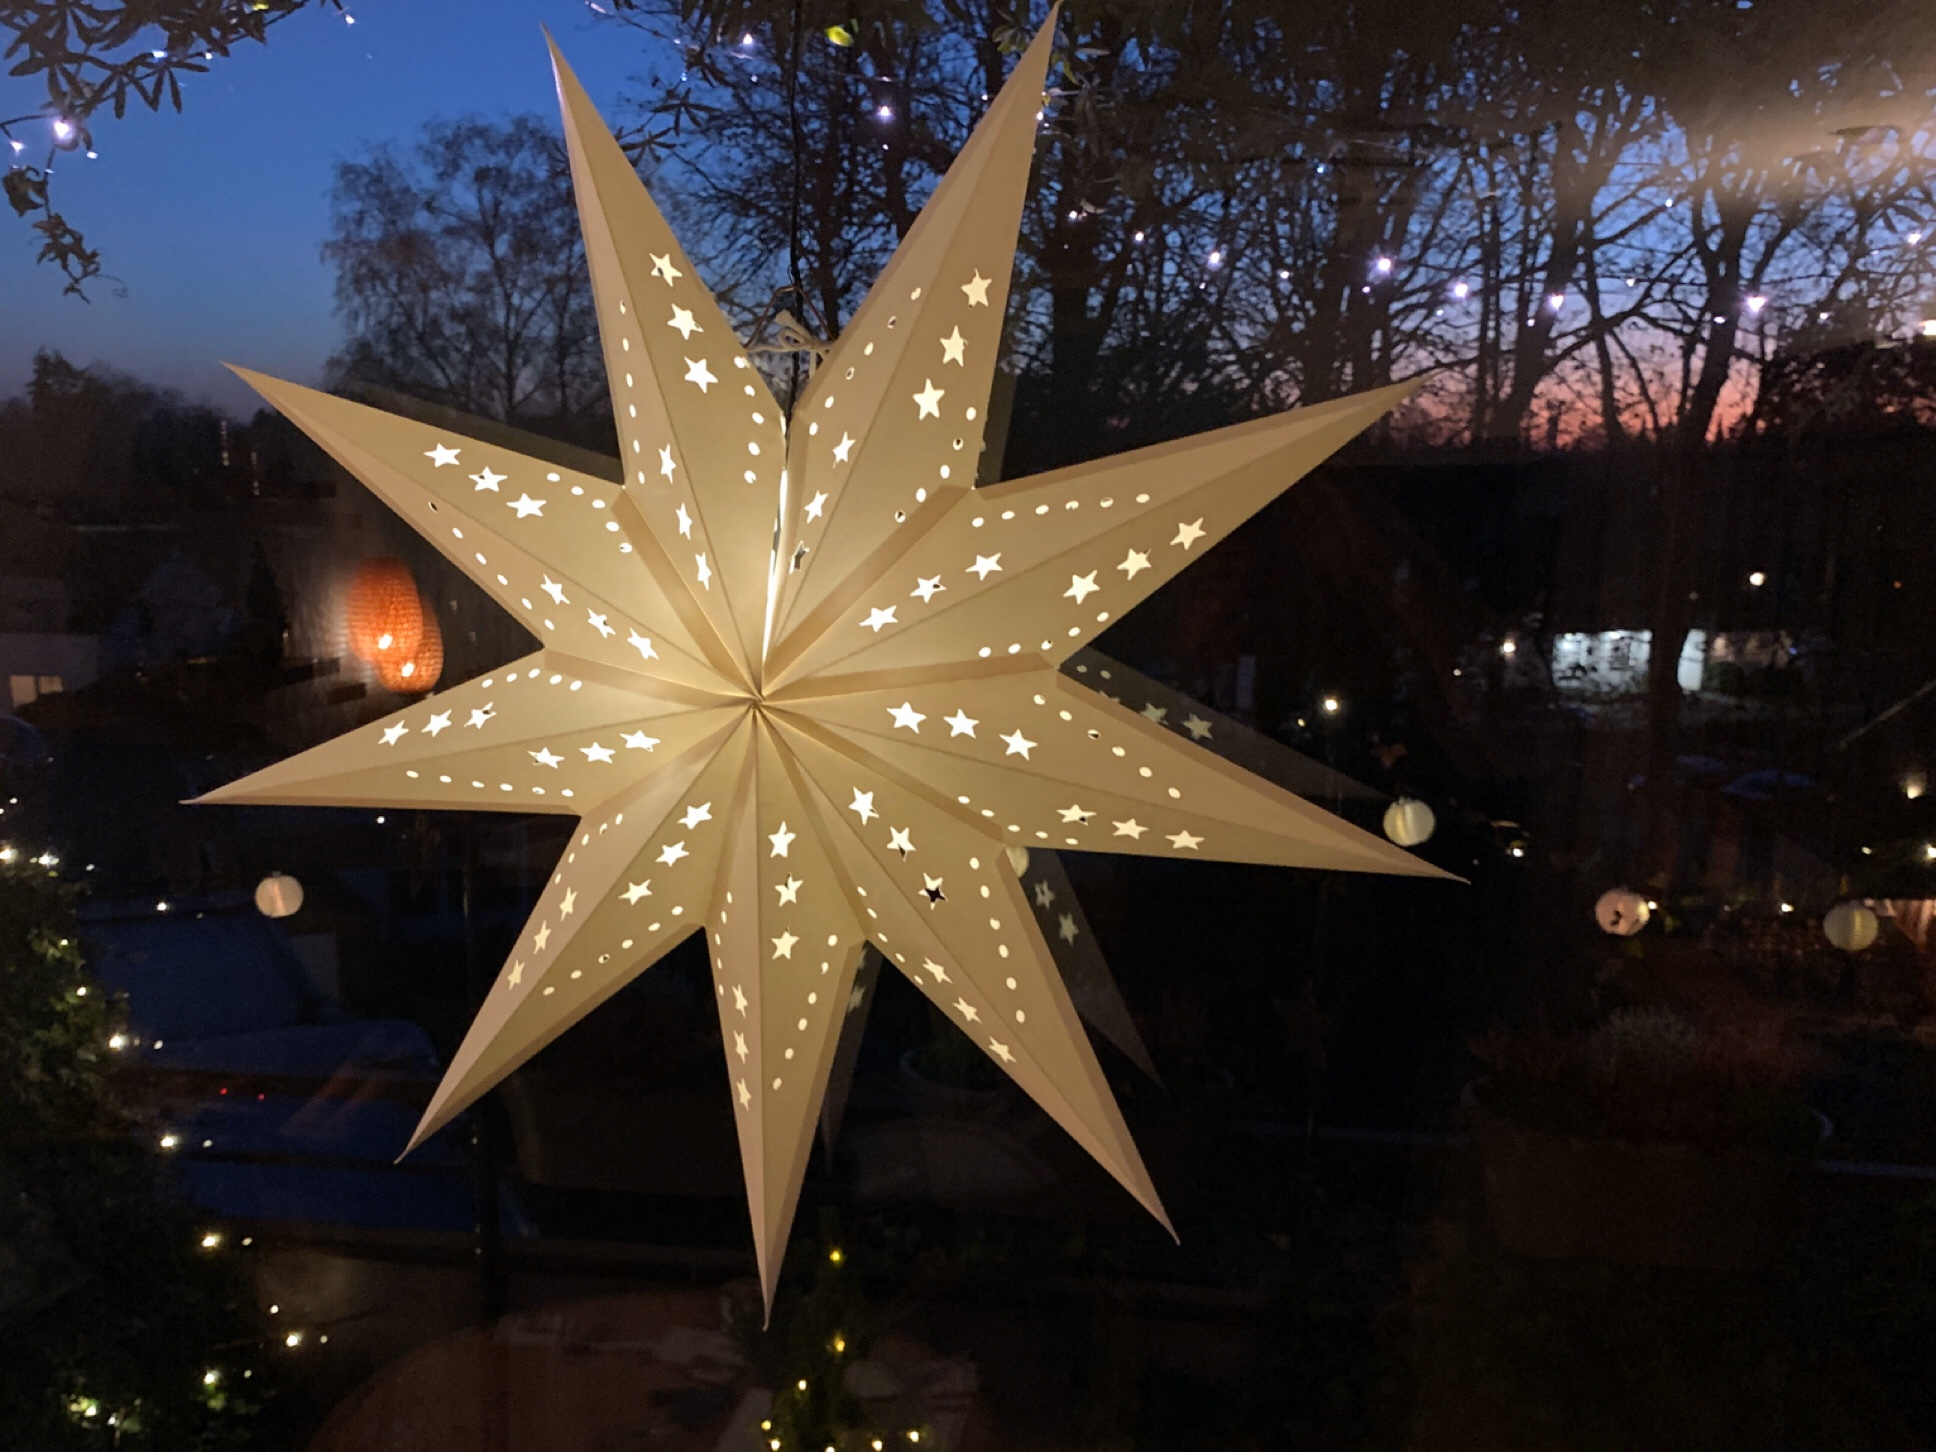 Weihnachtszeit bei Lilamalerie #11 – oder – Ein leuchtender Gruß